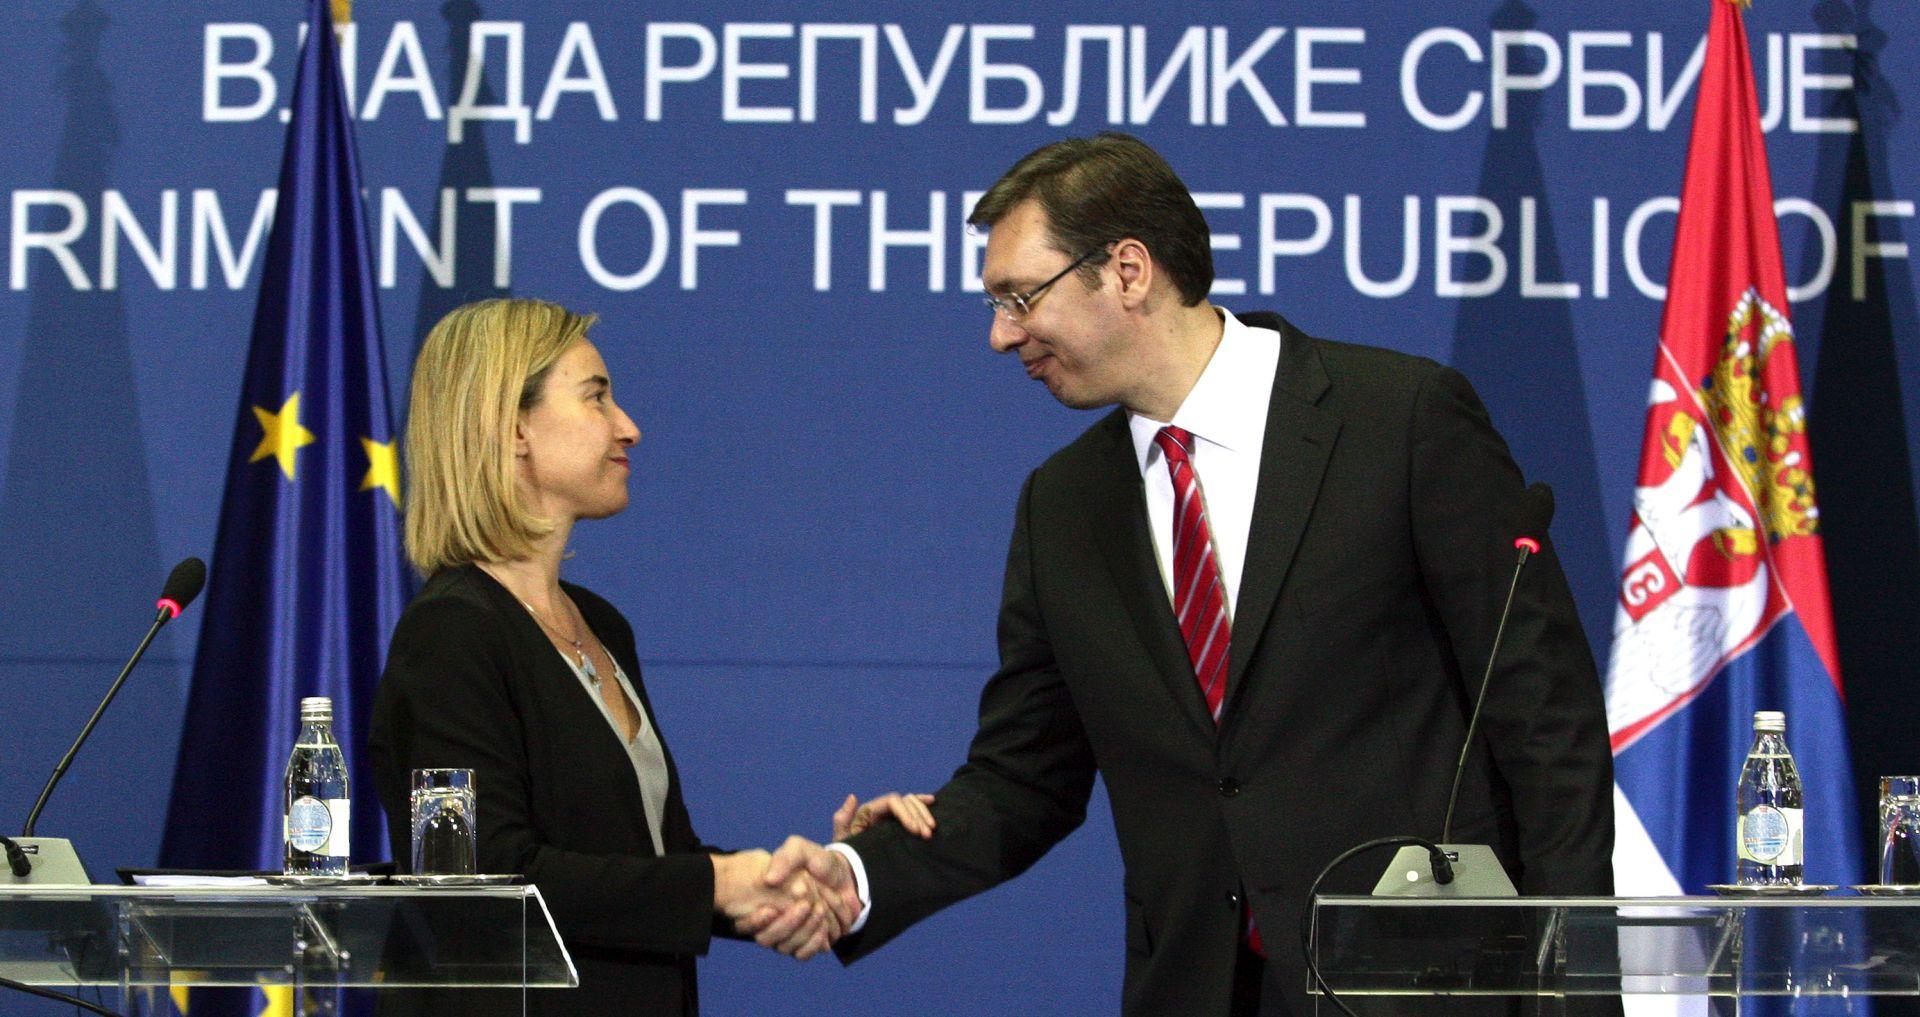 PRISTUPNI PREGOVORI Mogherini: Srbija otvara prva poglavlja u pregovorima s EU